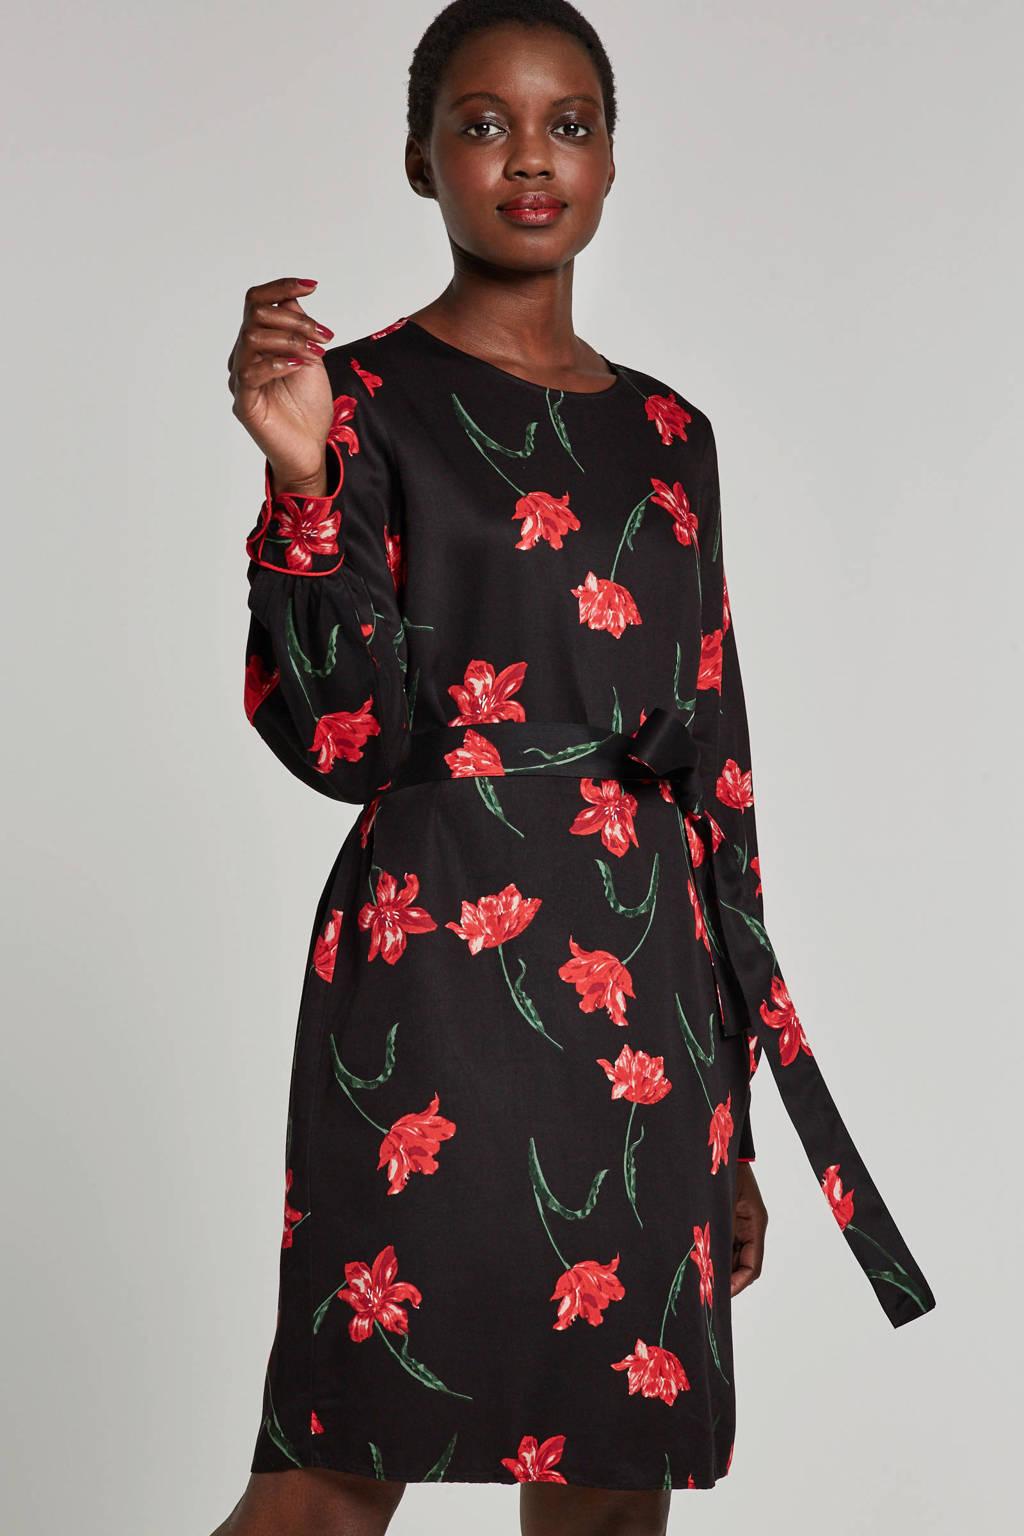 VERO MODA gebloemde jurk met bindkoord, Zwart/roze/groen